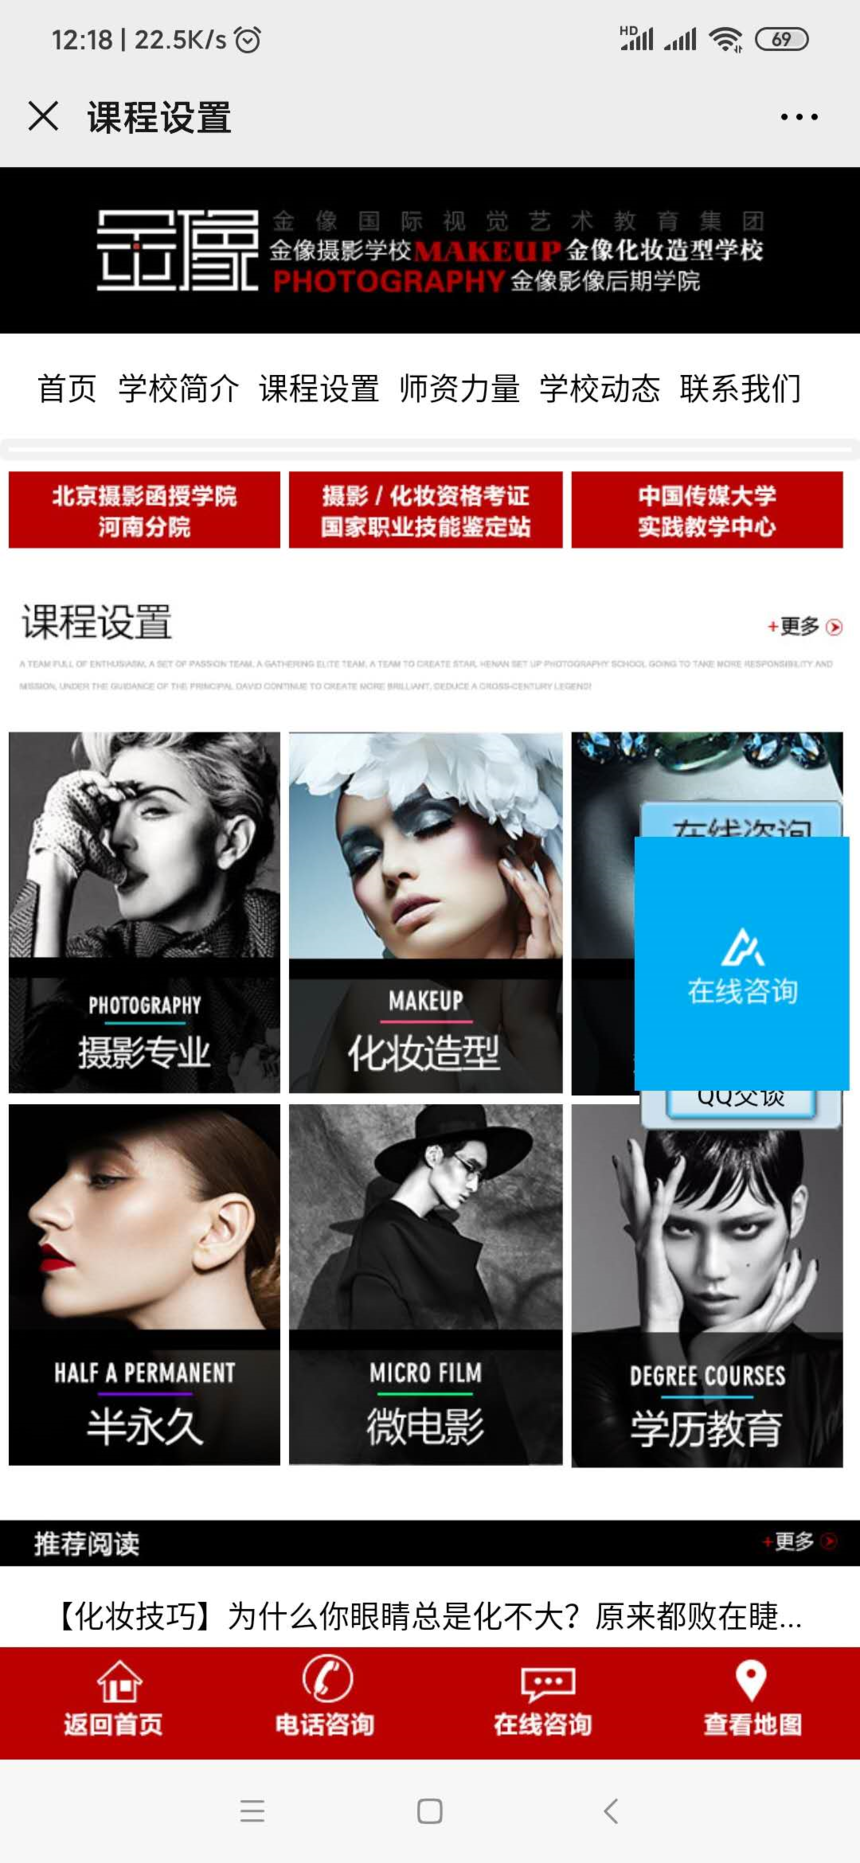 河南金像摄影化妆学校网站建设